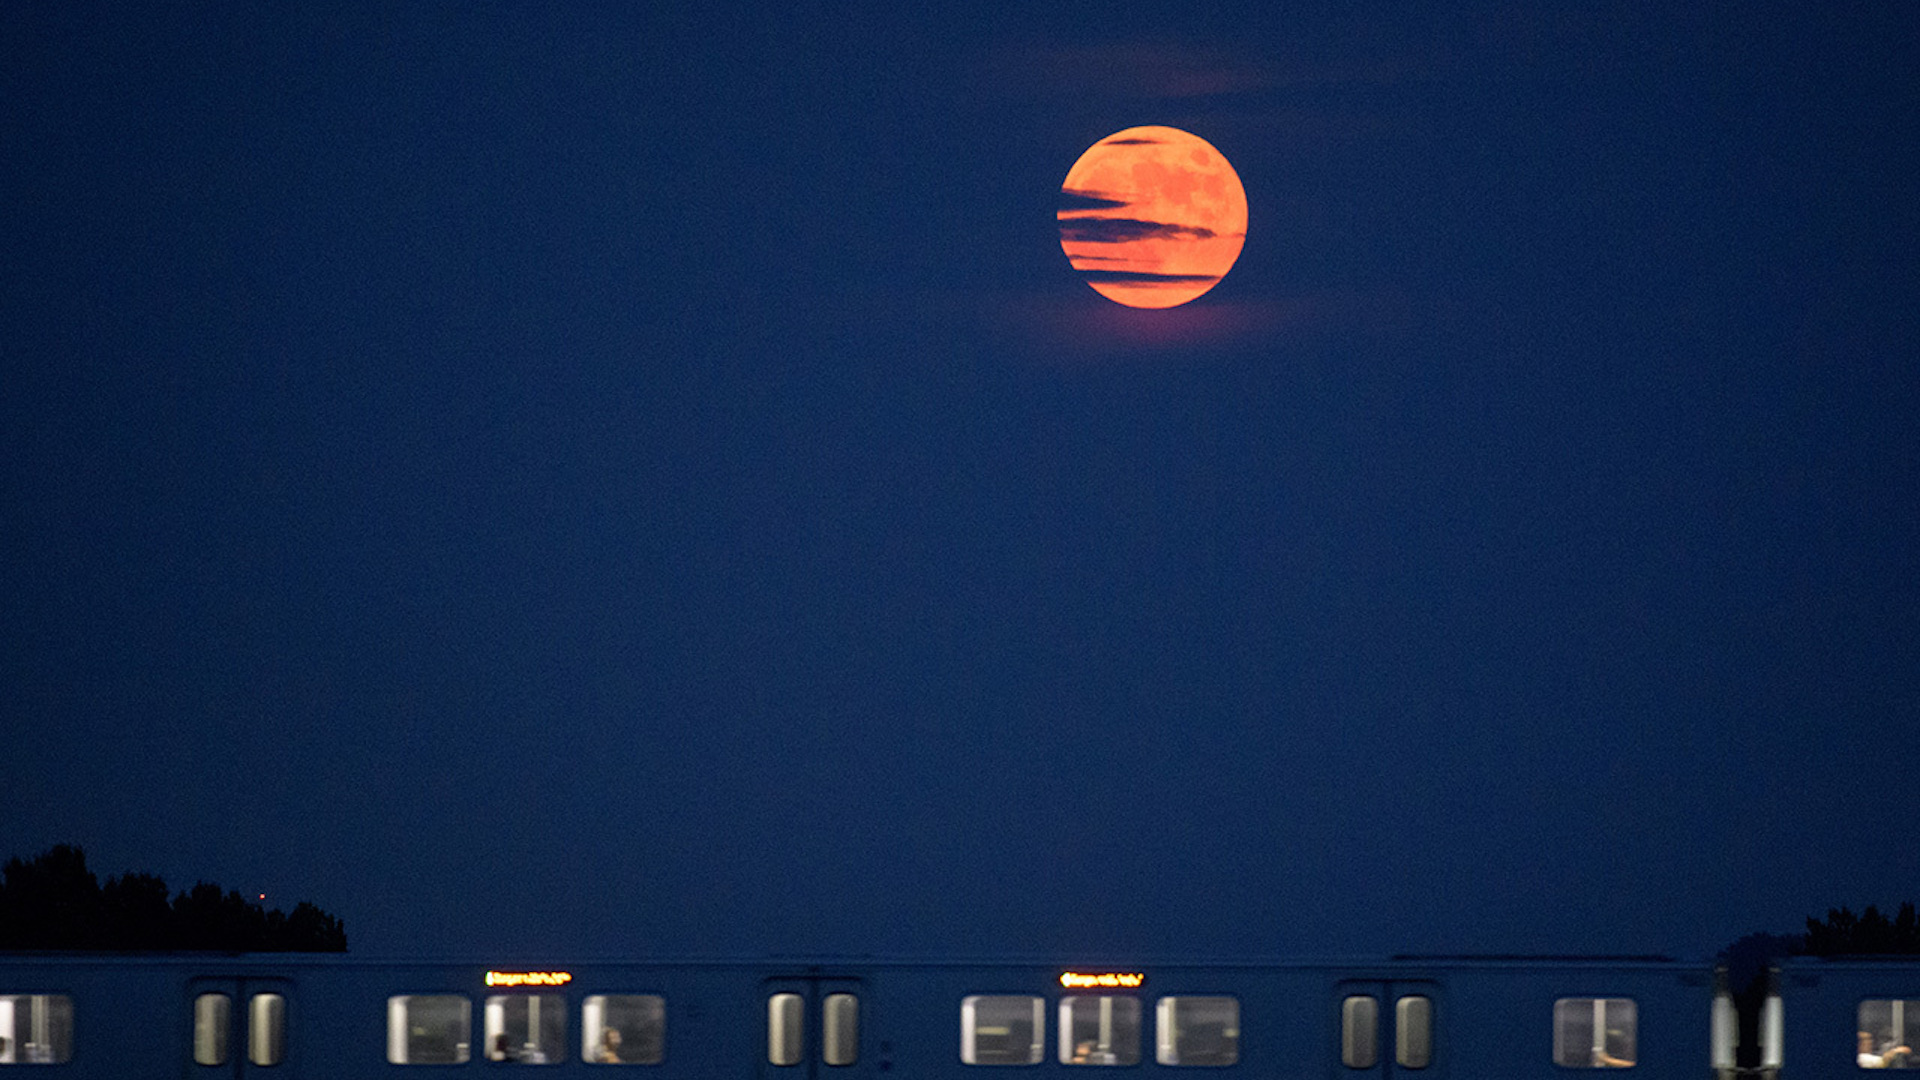 Luna Llena de julio: ¿cuándo, fechas y de dónde viene su nombre?